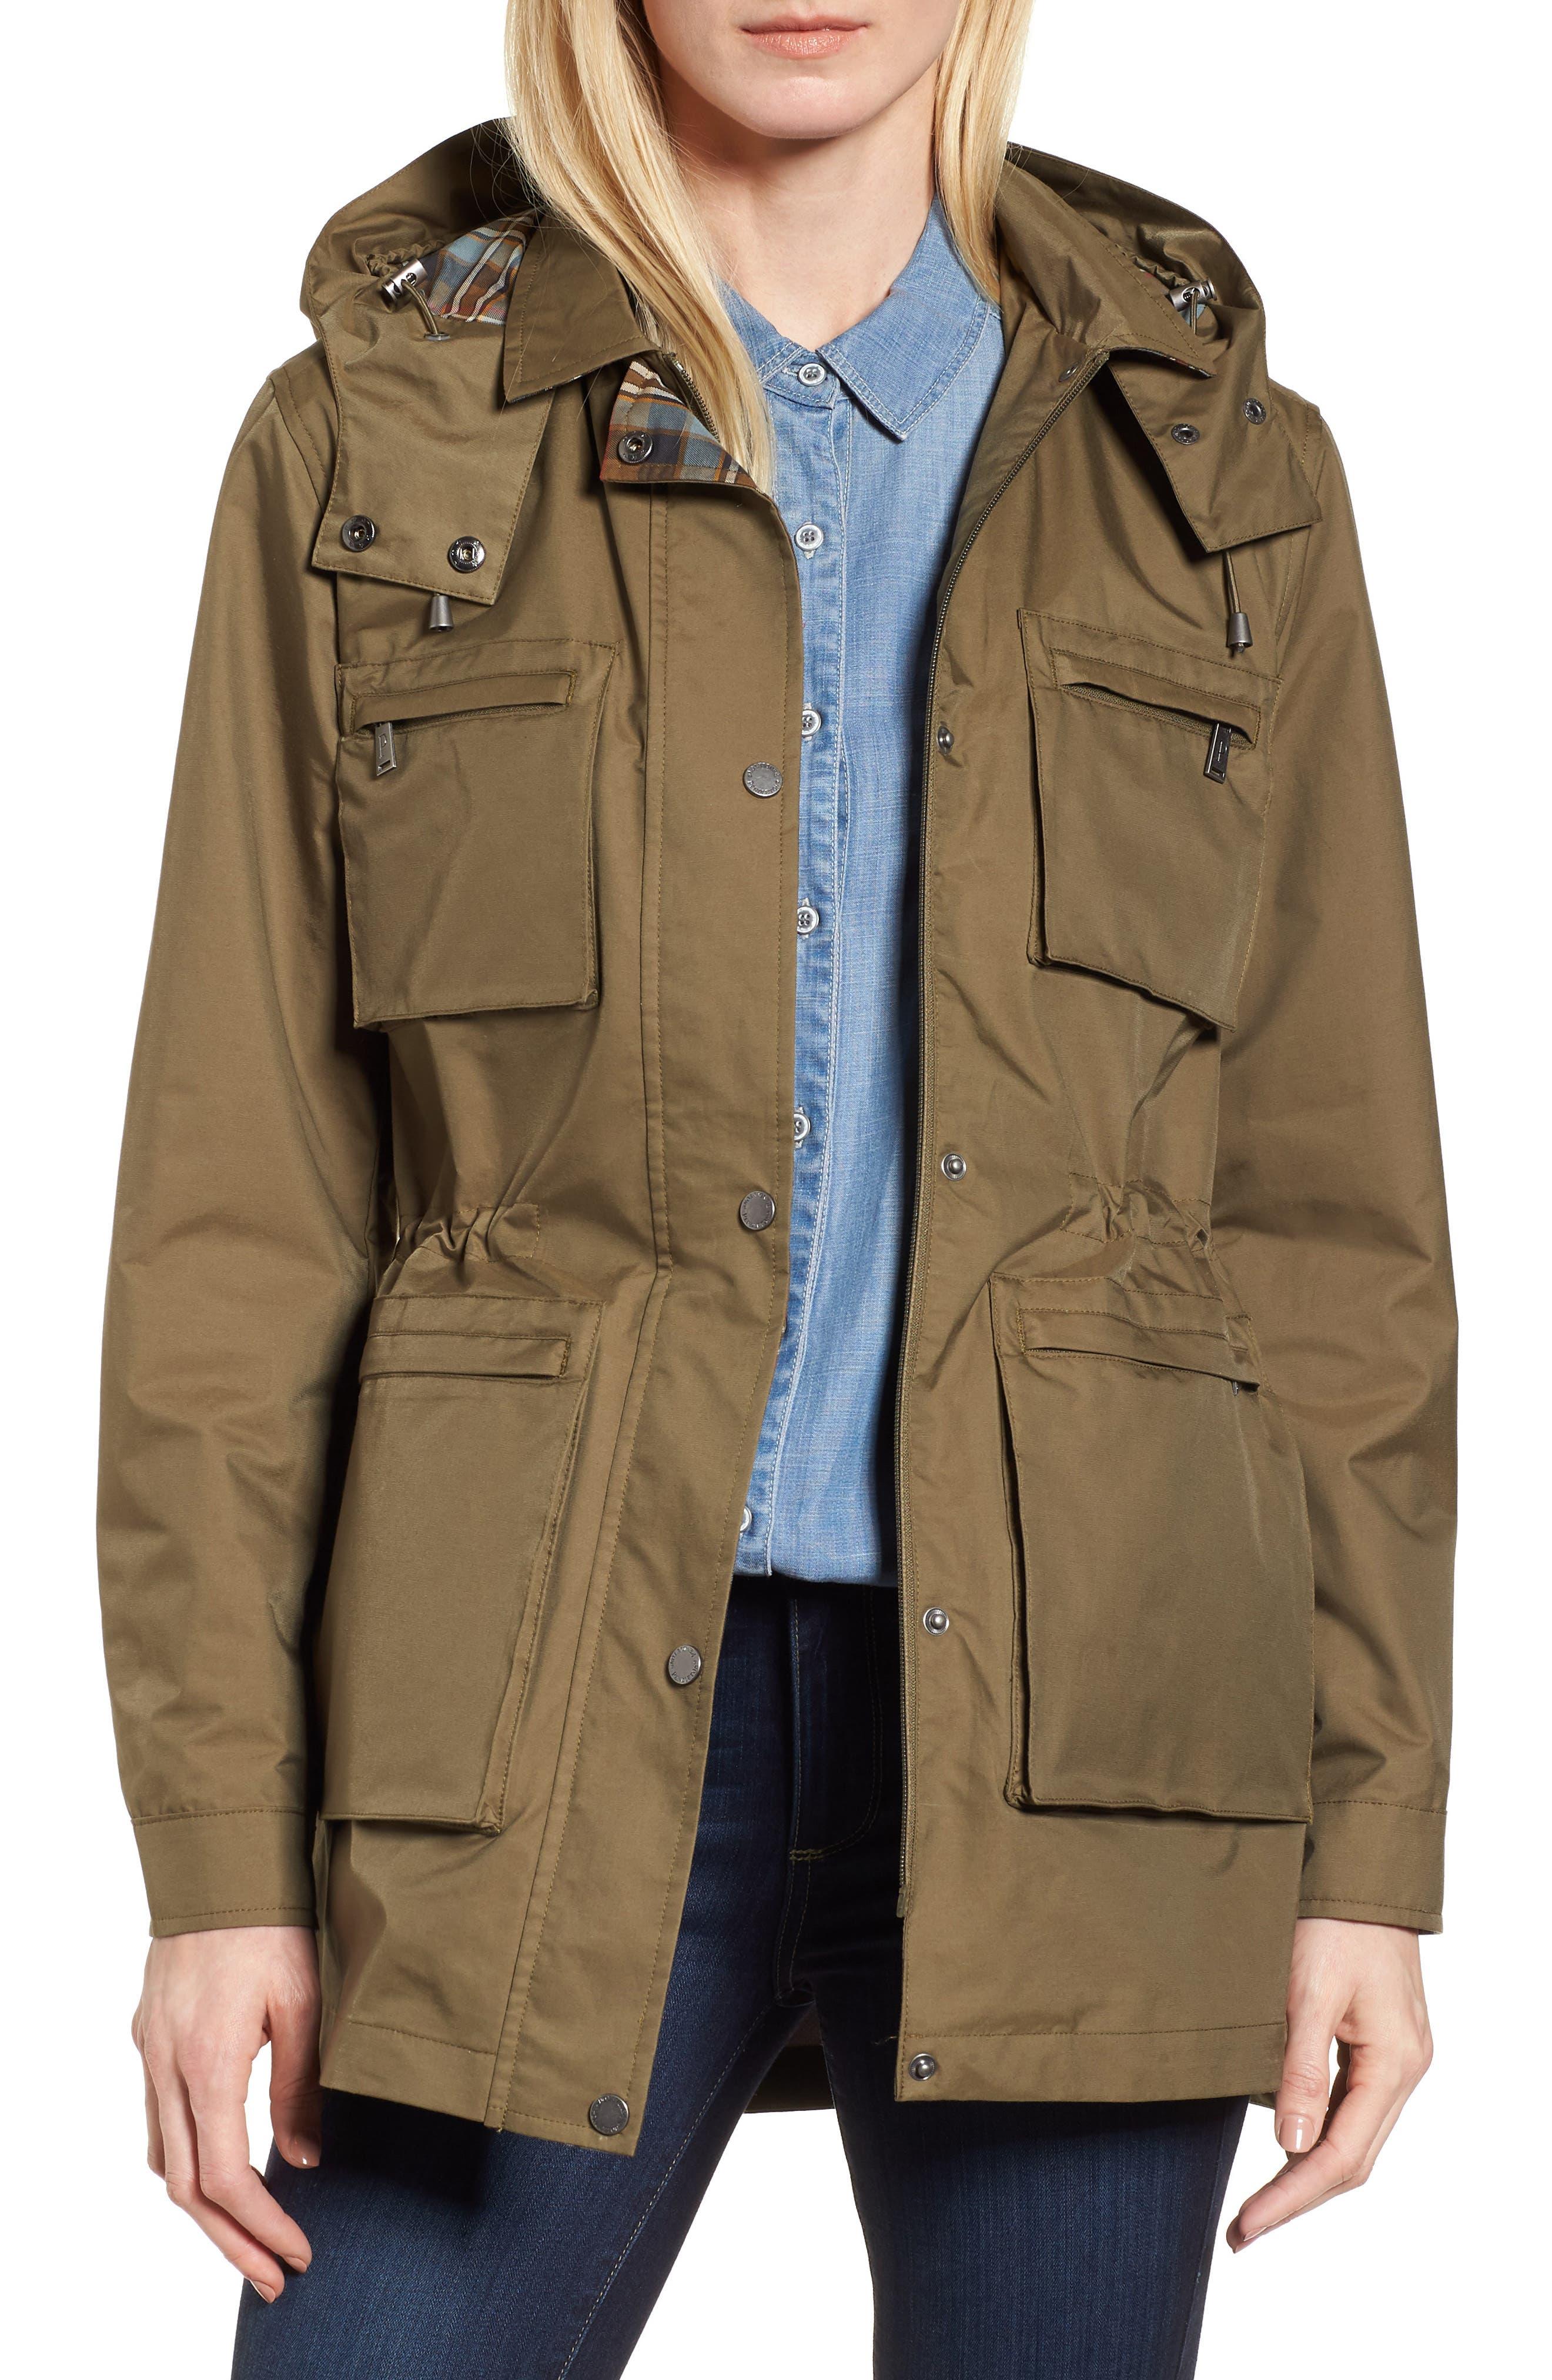 Taylor Utility Jacket,                             Main thumbnail 1, color,                             341